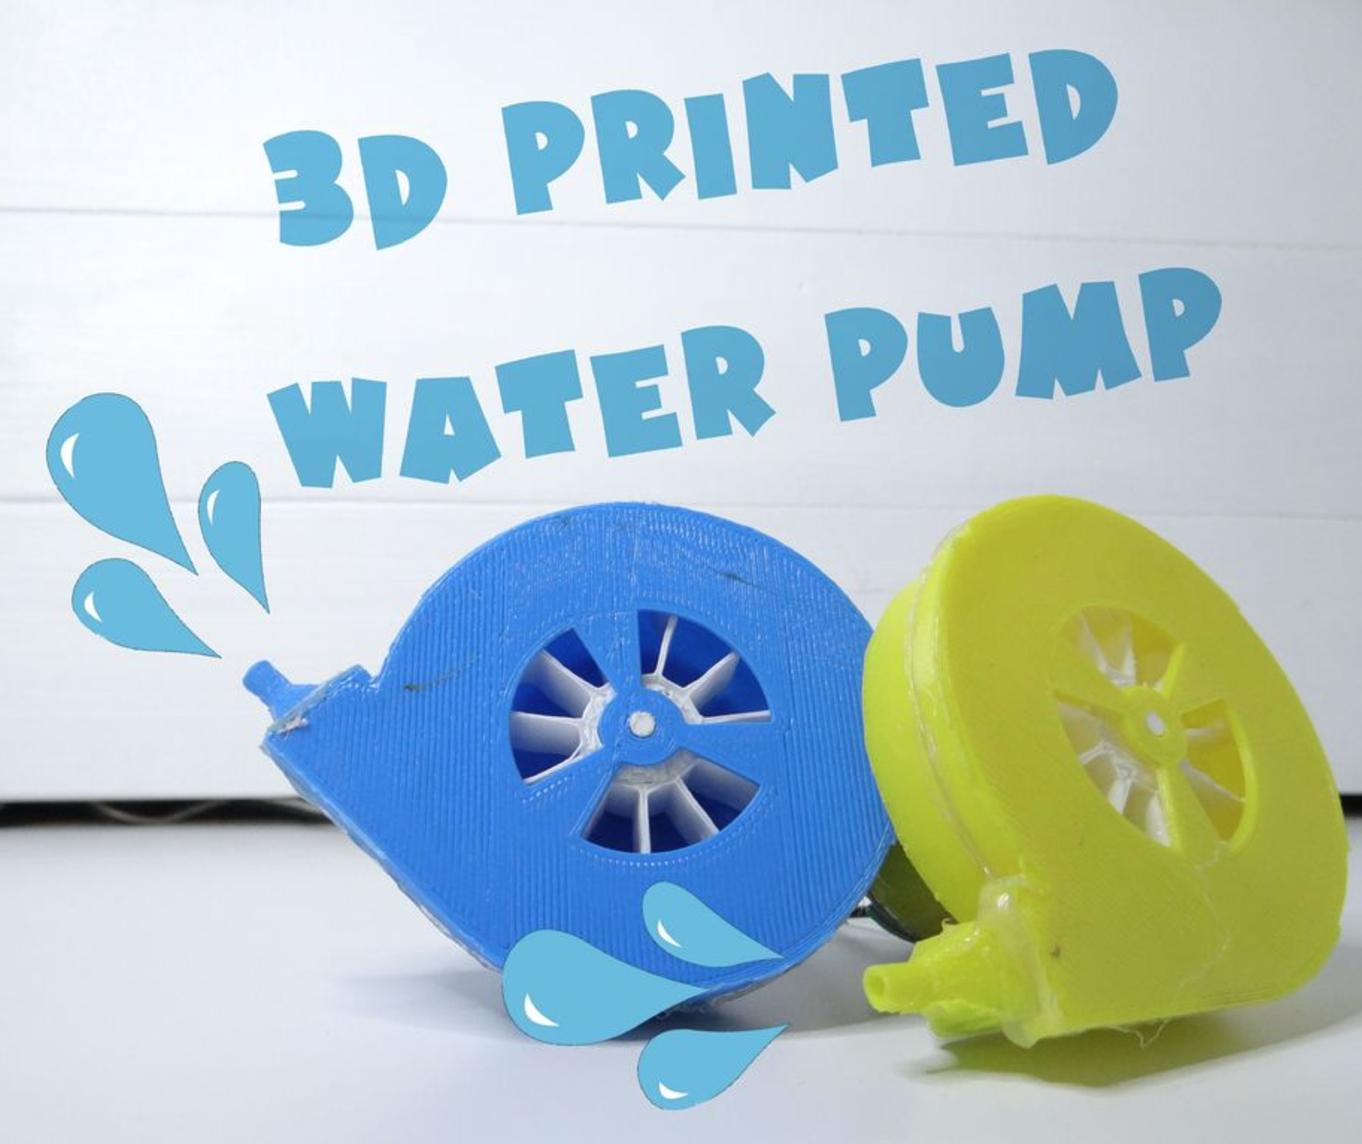 Capture d'écran 2017-08-17 à 19.03.56.png Download free STL file Water pump • 3D printing object, NikodemBartnik